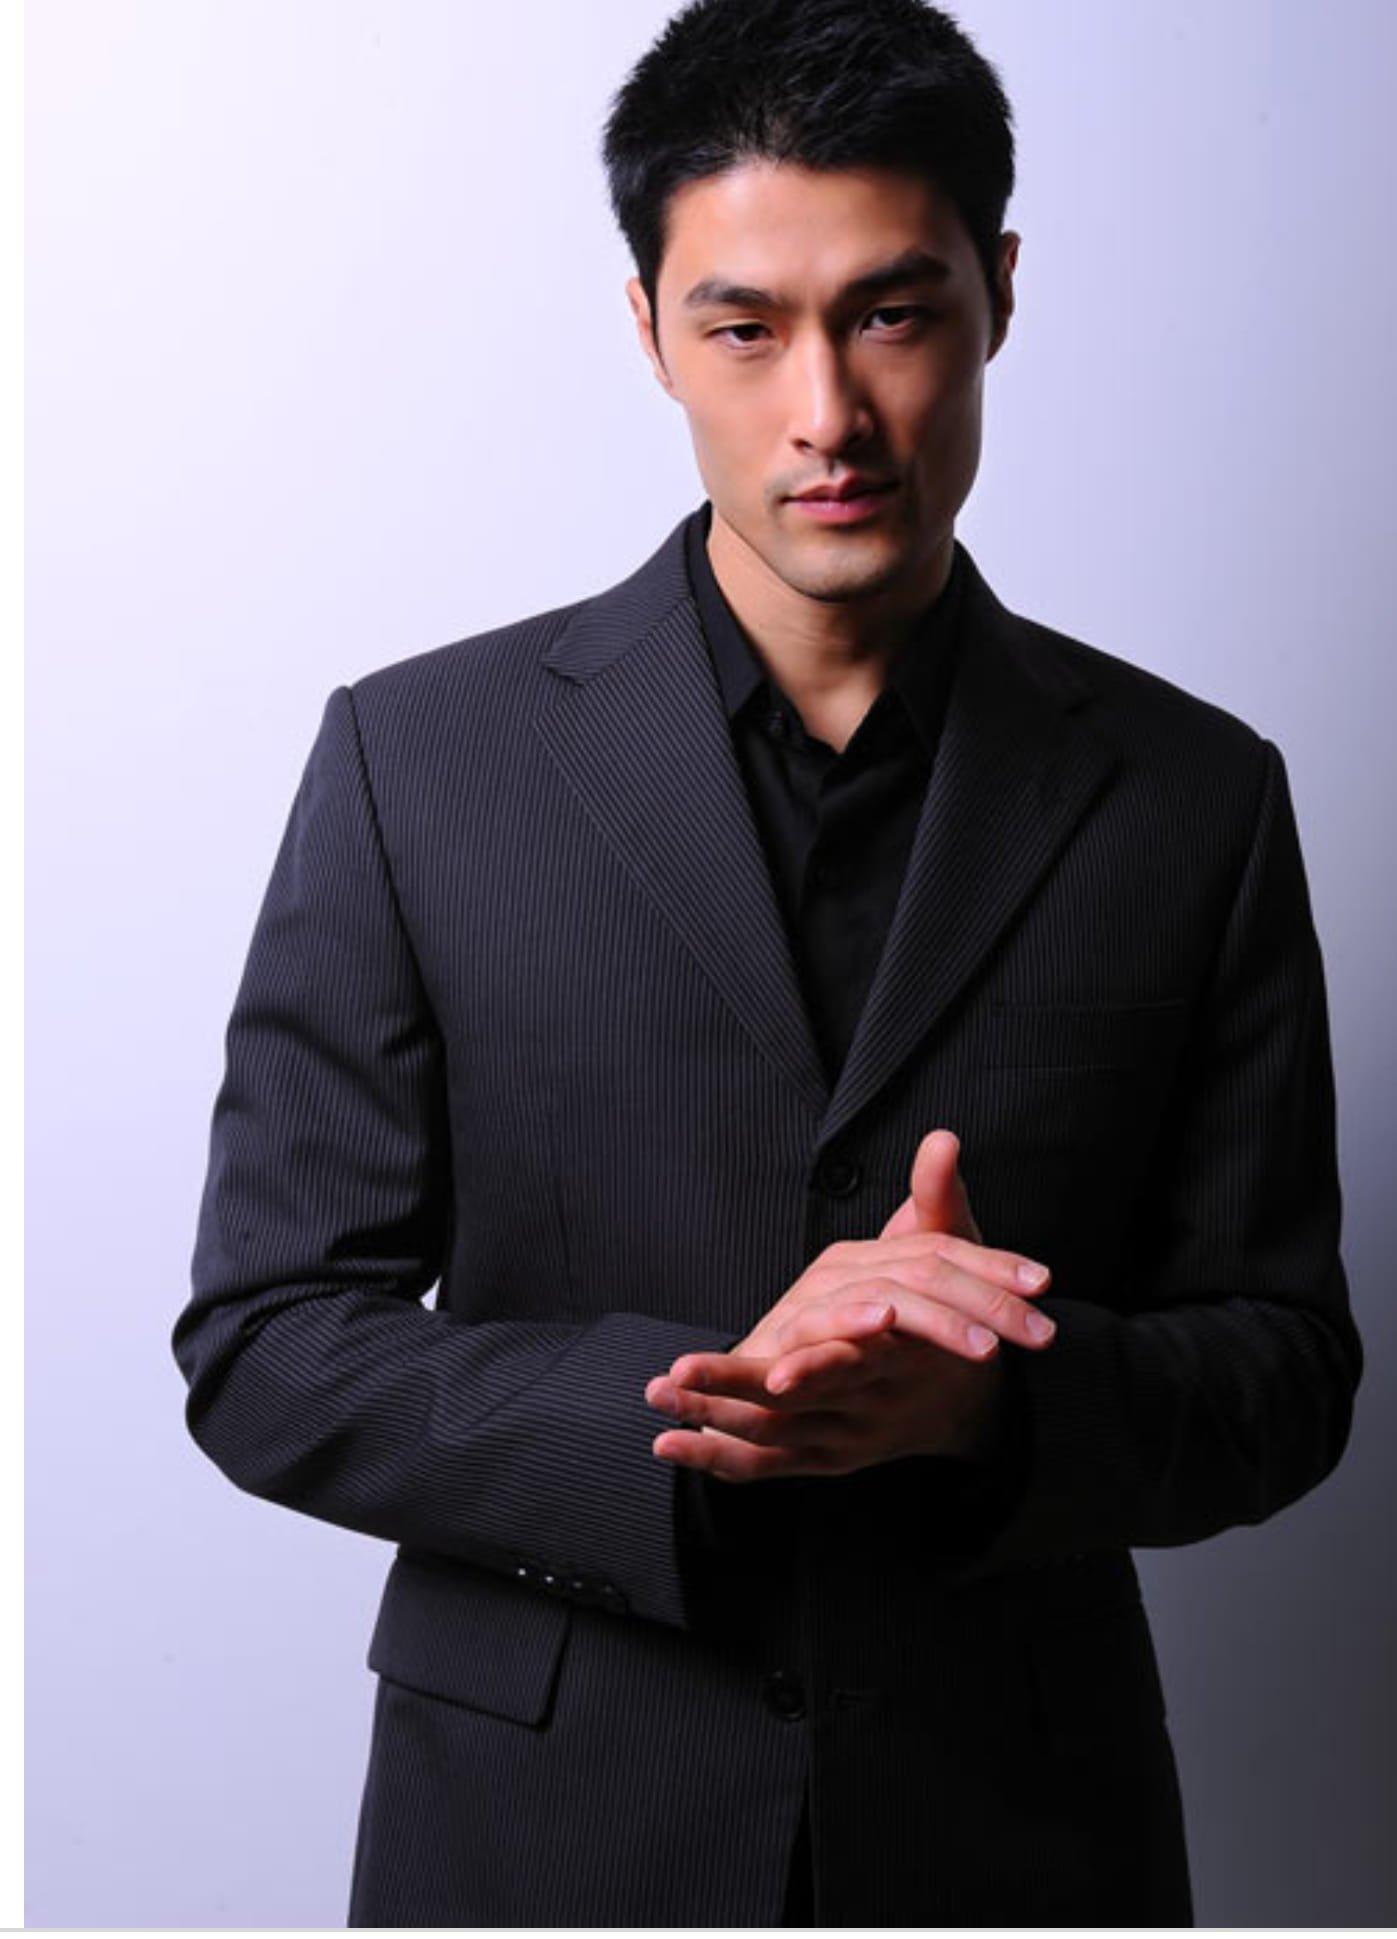 Джонни Нгуен / Johnny Tri Nguyen